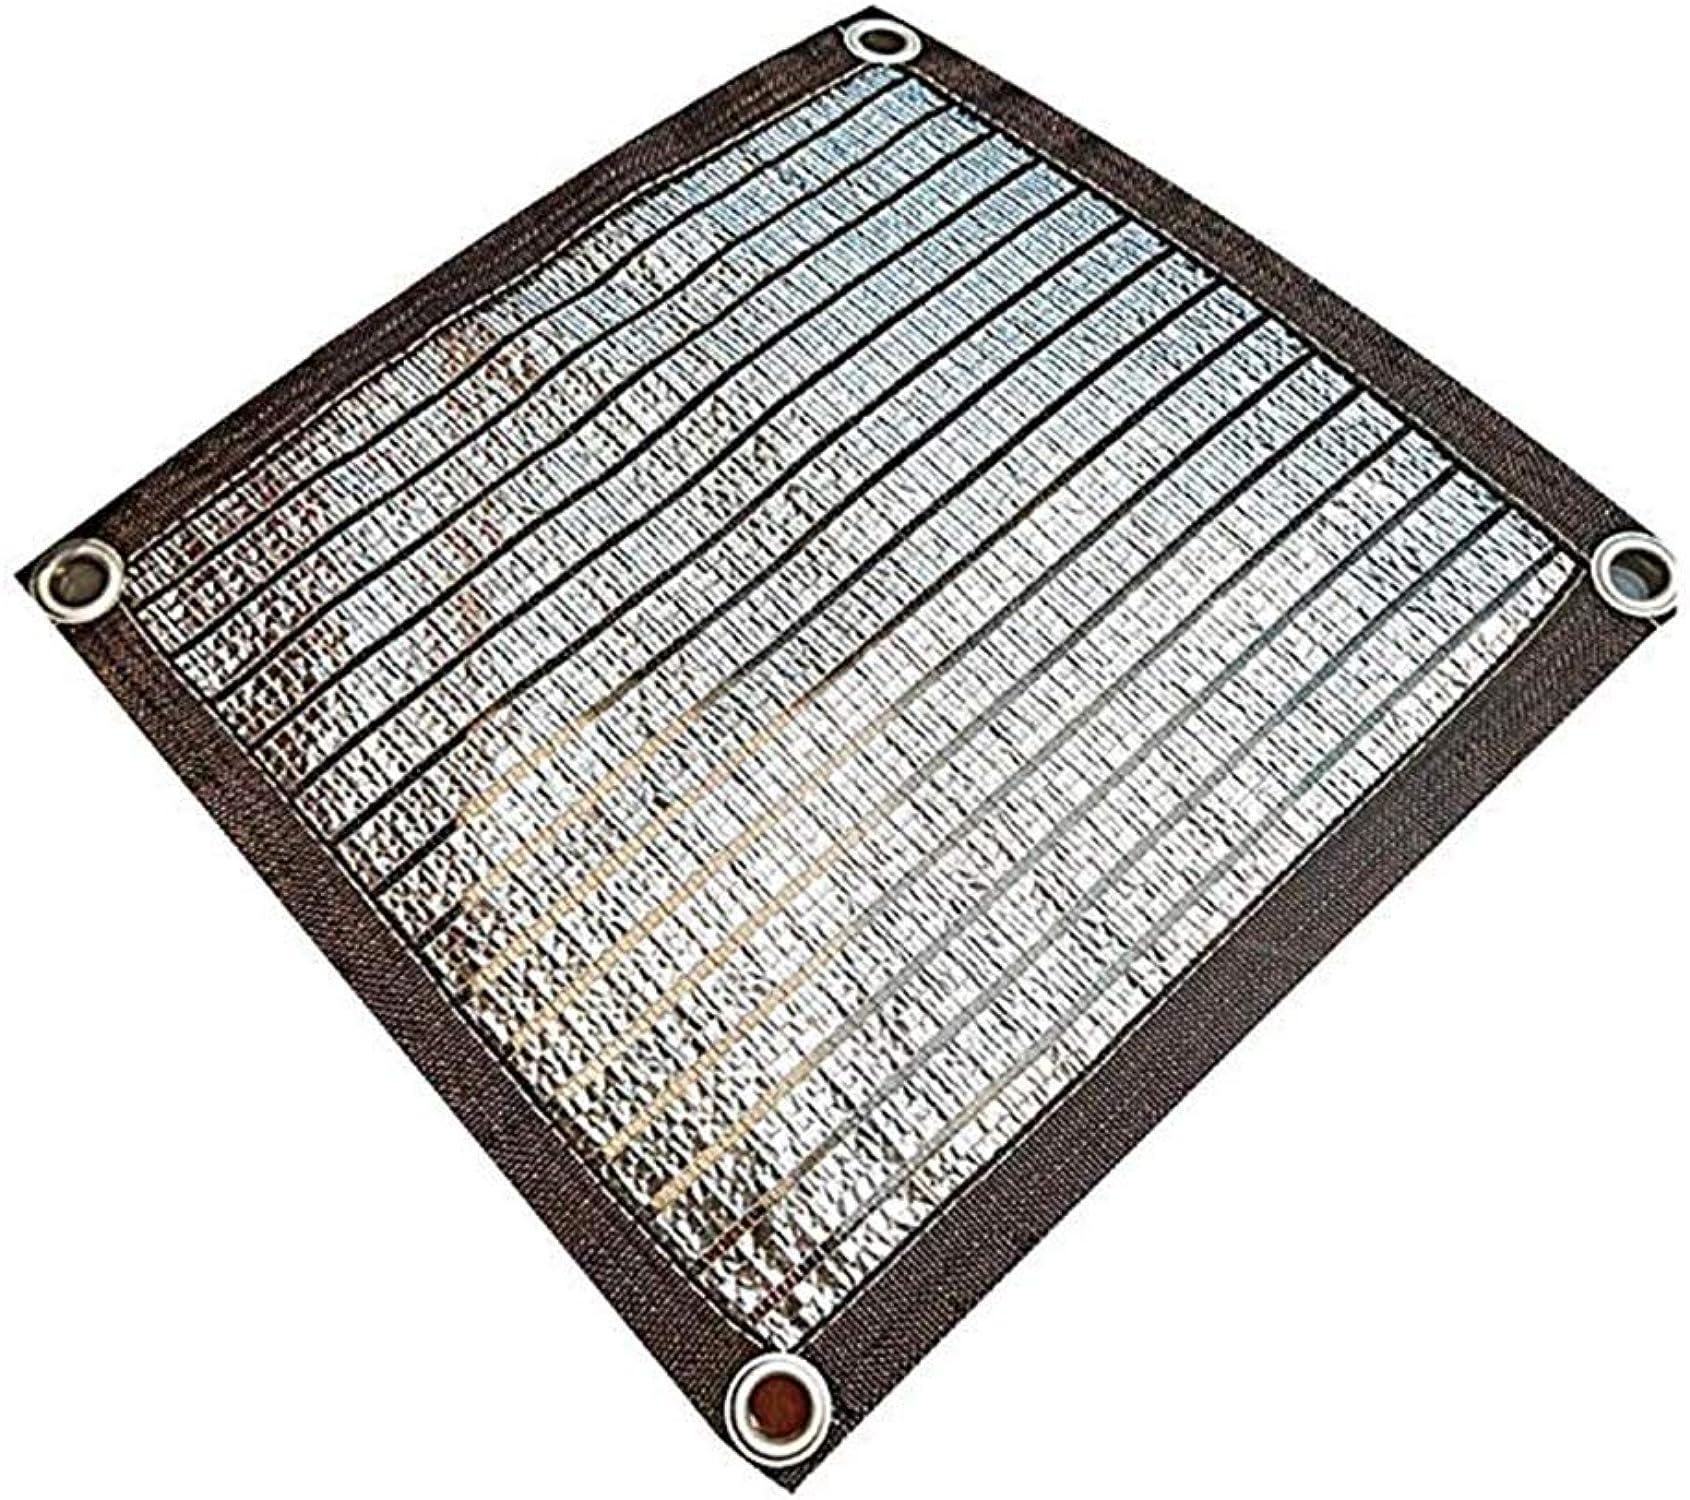 marca de lujo MYYDD Tela de la la la Cortina Papel de Aluminio Sombrilla rojo Projoección Solar Tela Lona Projoectora UV para el jardín Balcón Cobertizo rojo de Sombra,1x5m  punto de venta de la marca